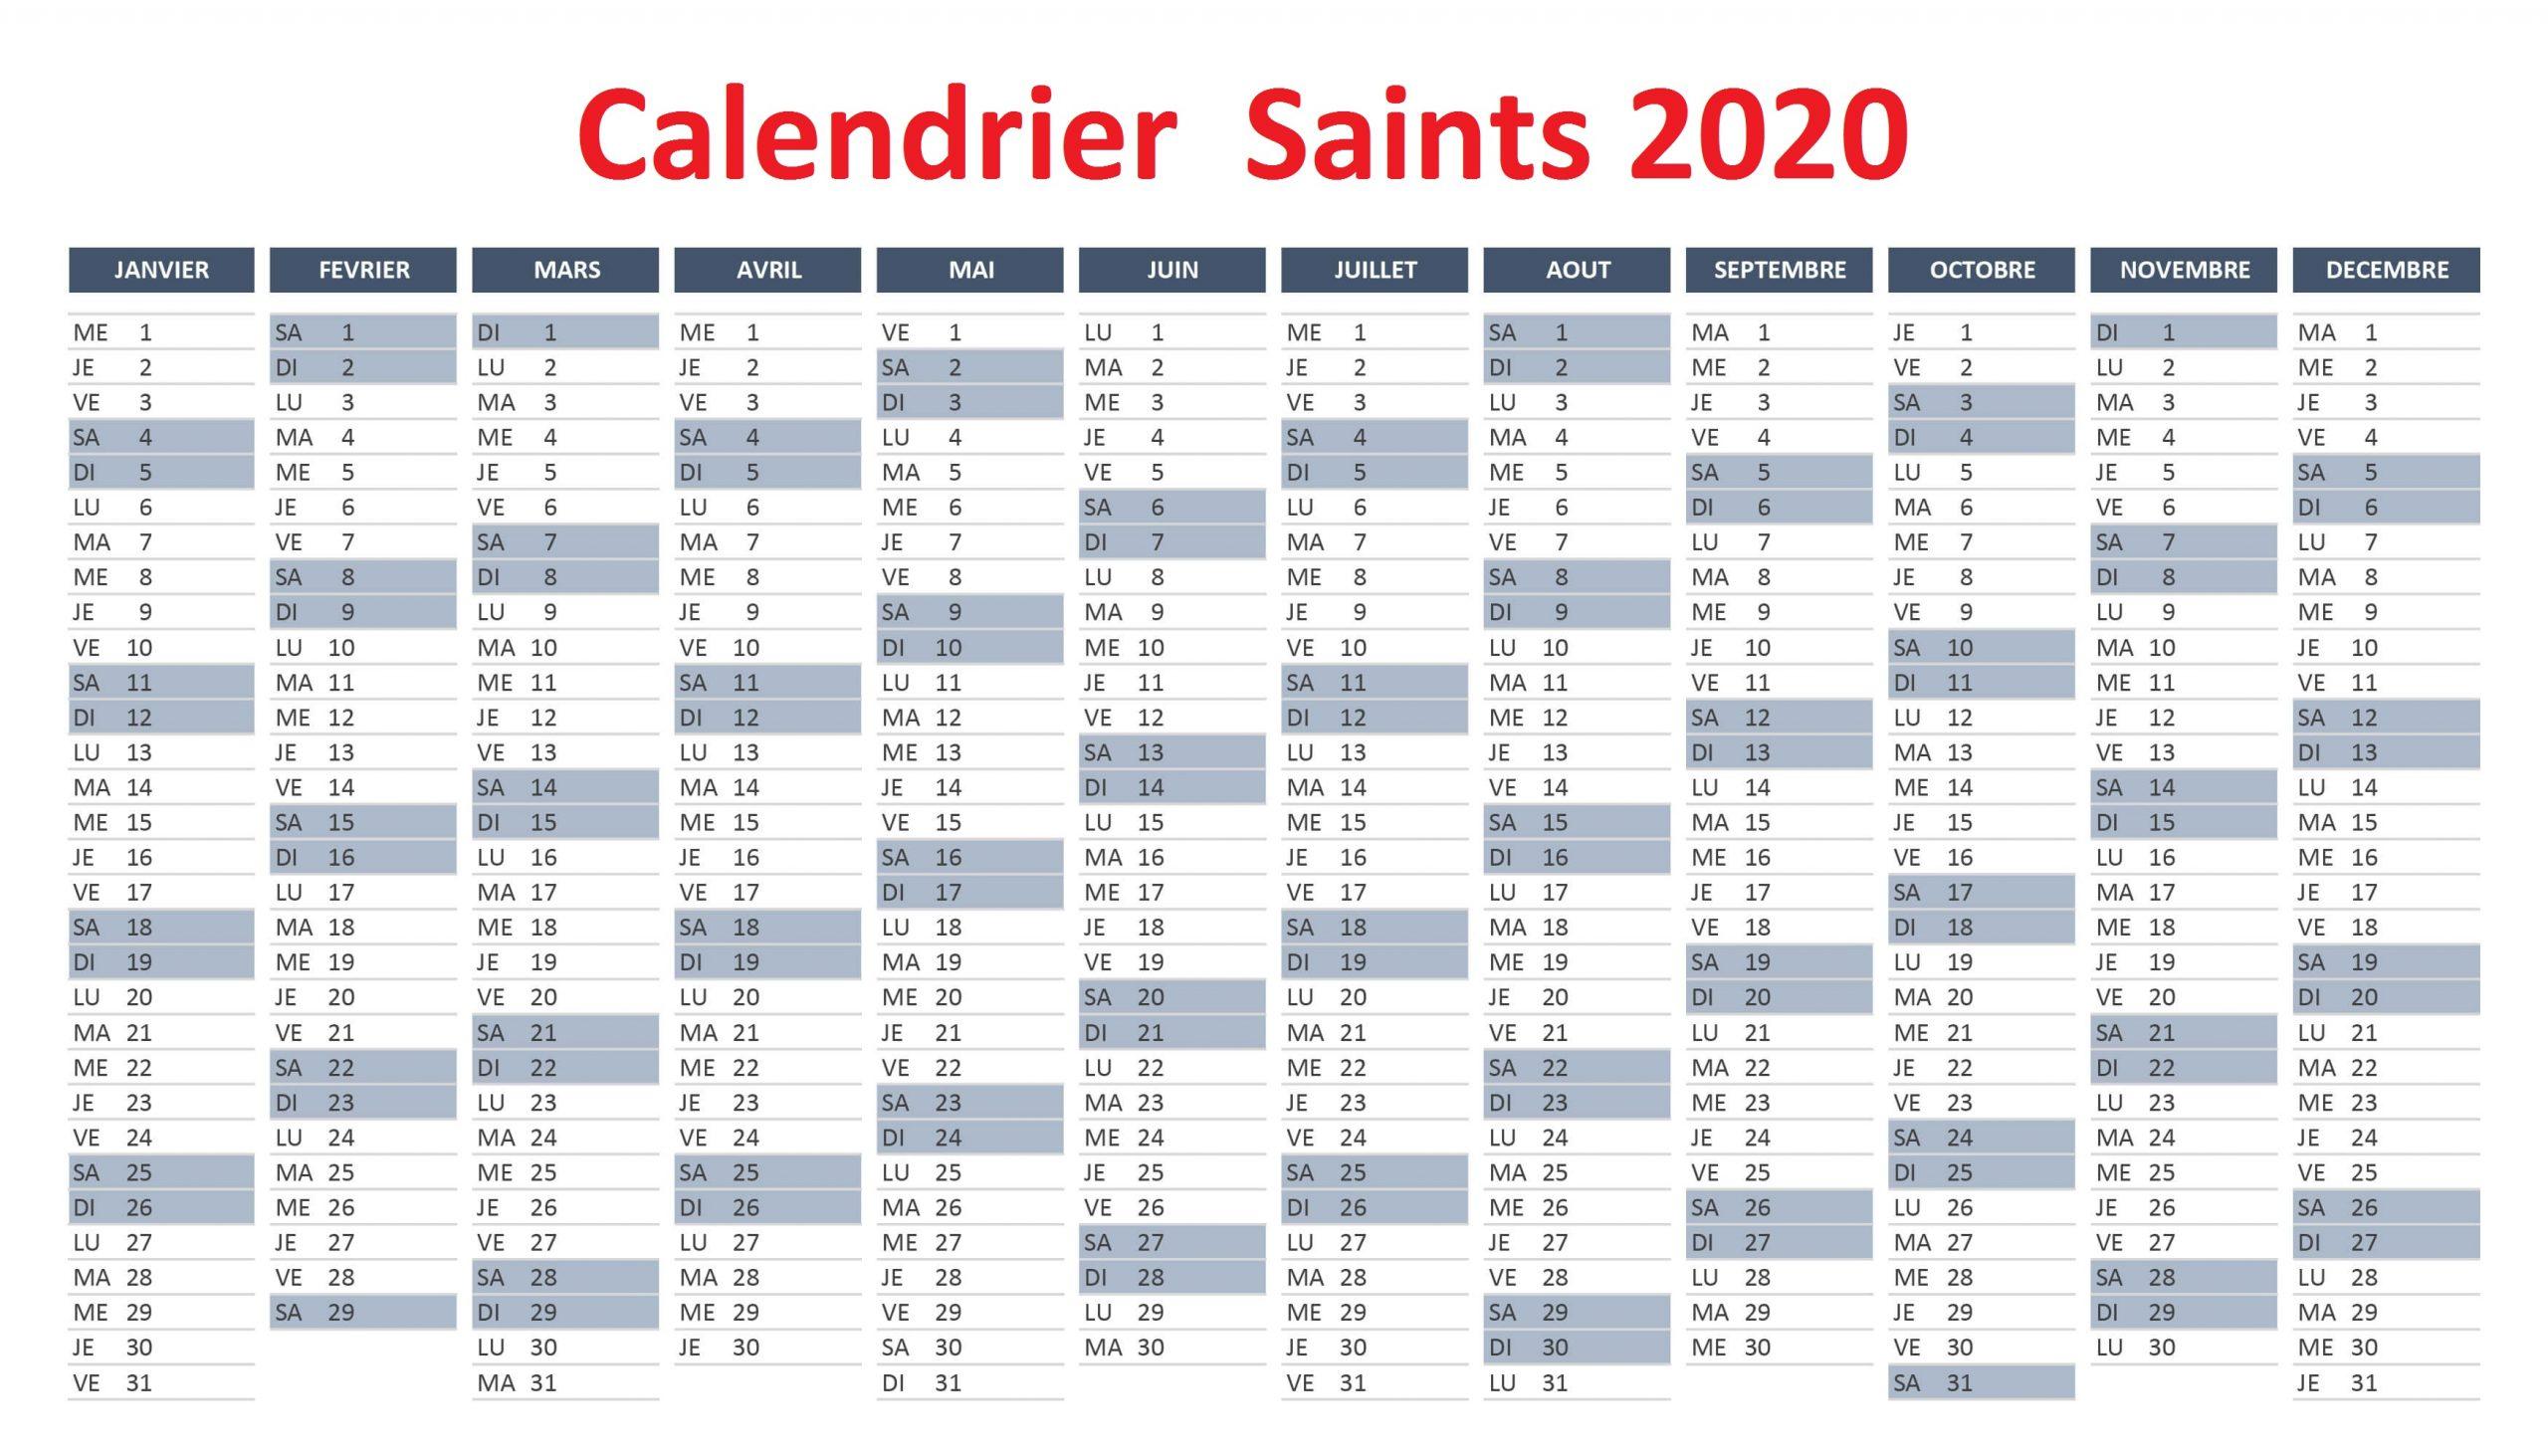 Calendrier Fetes Des Saints 2020